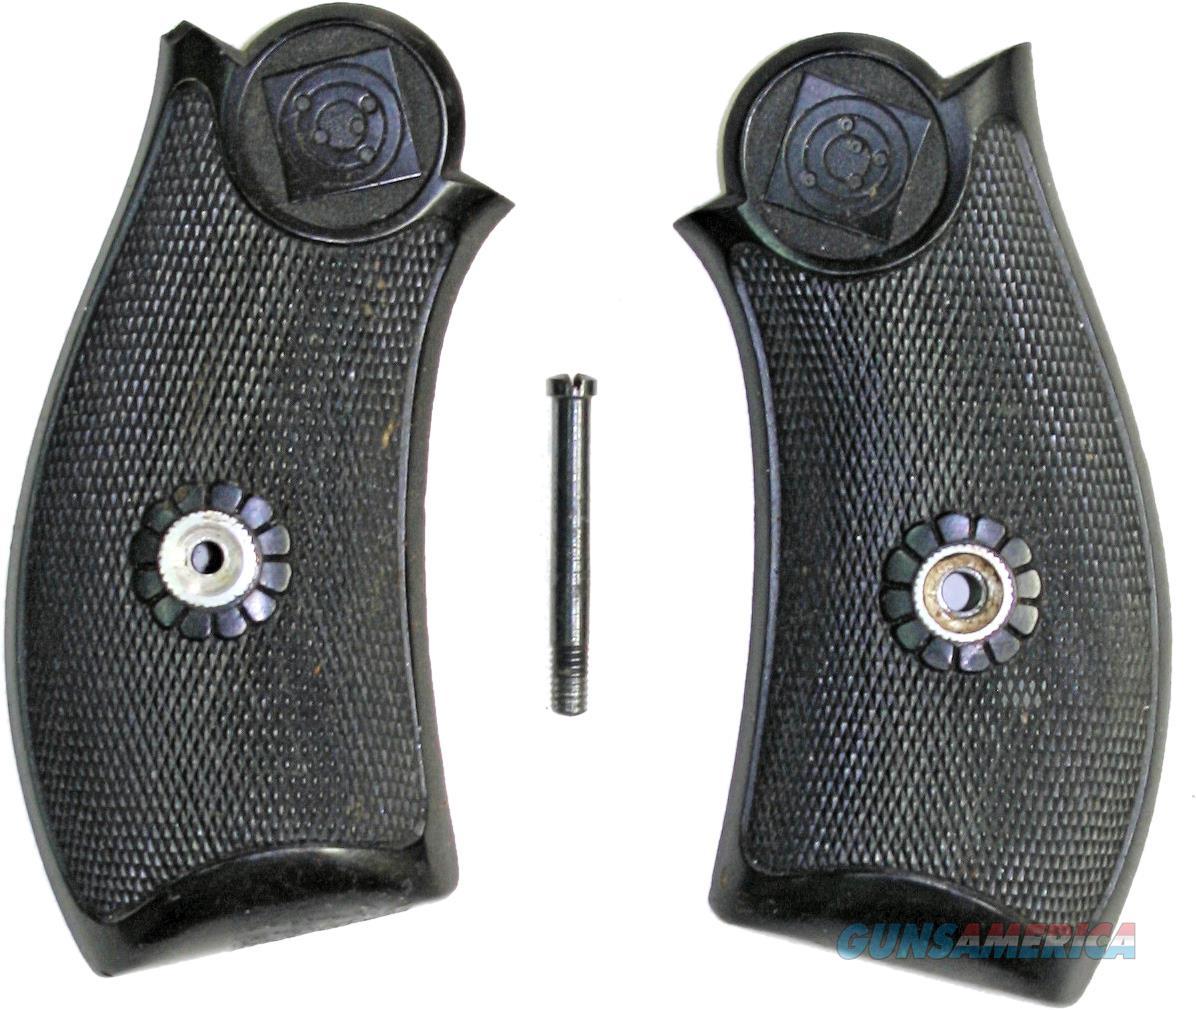 Original H&R .38 Hammerless Revolver Vintage Grips  Non-Guns > Gun Parts > Grips > Other